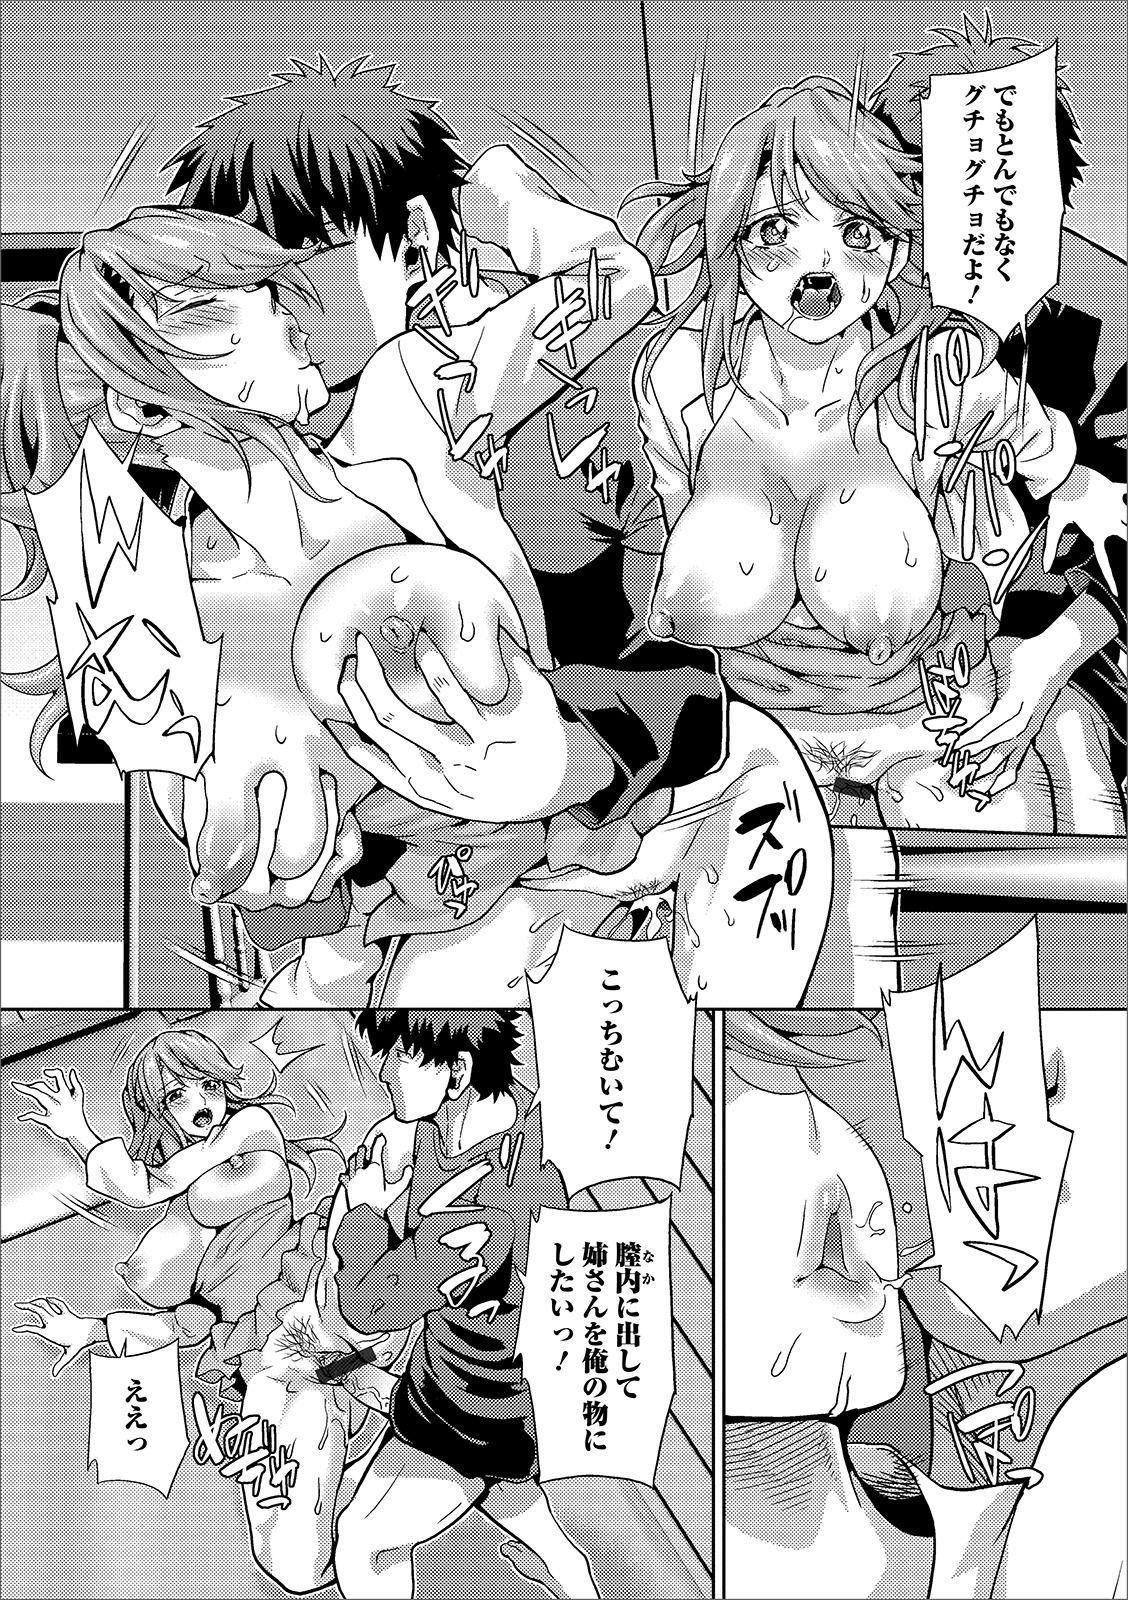 Web Haishin Gekkan Tonari no Kininaru Oku-san Vol. 033 38